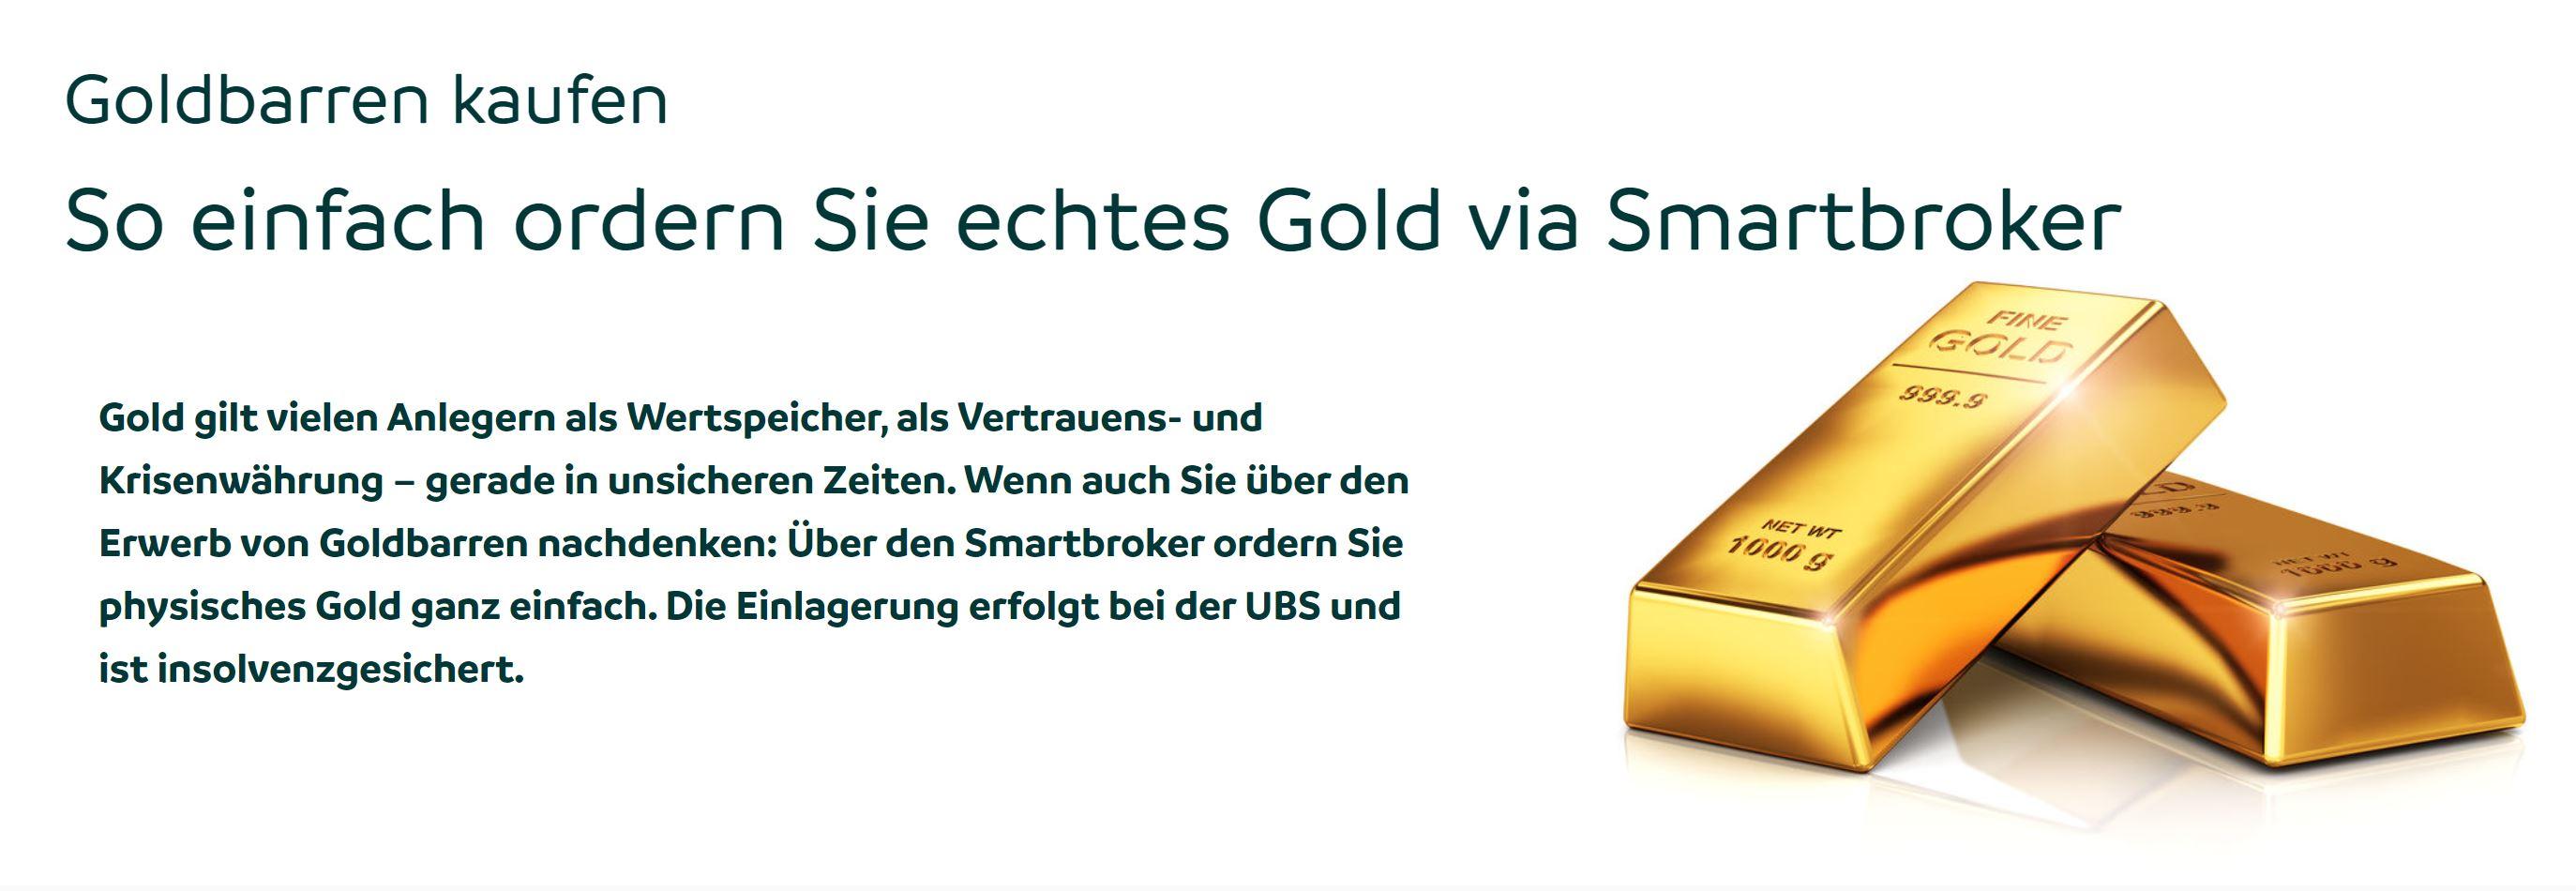 Smart brokers buy precious metals